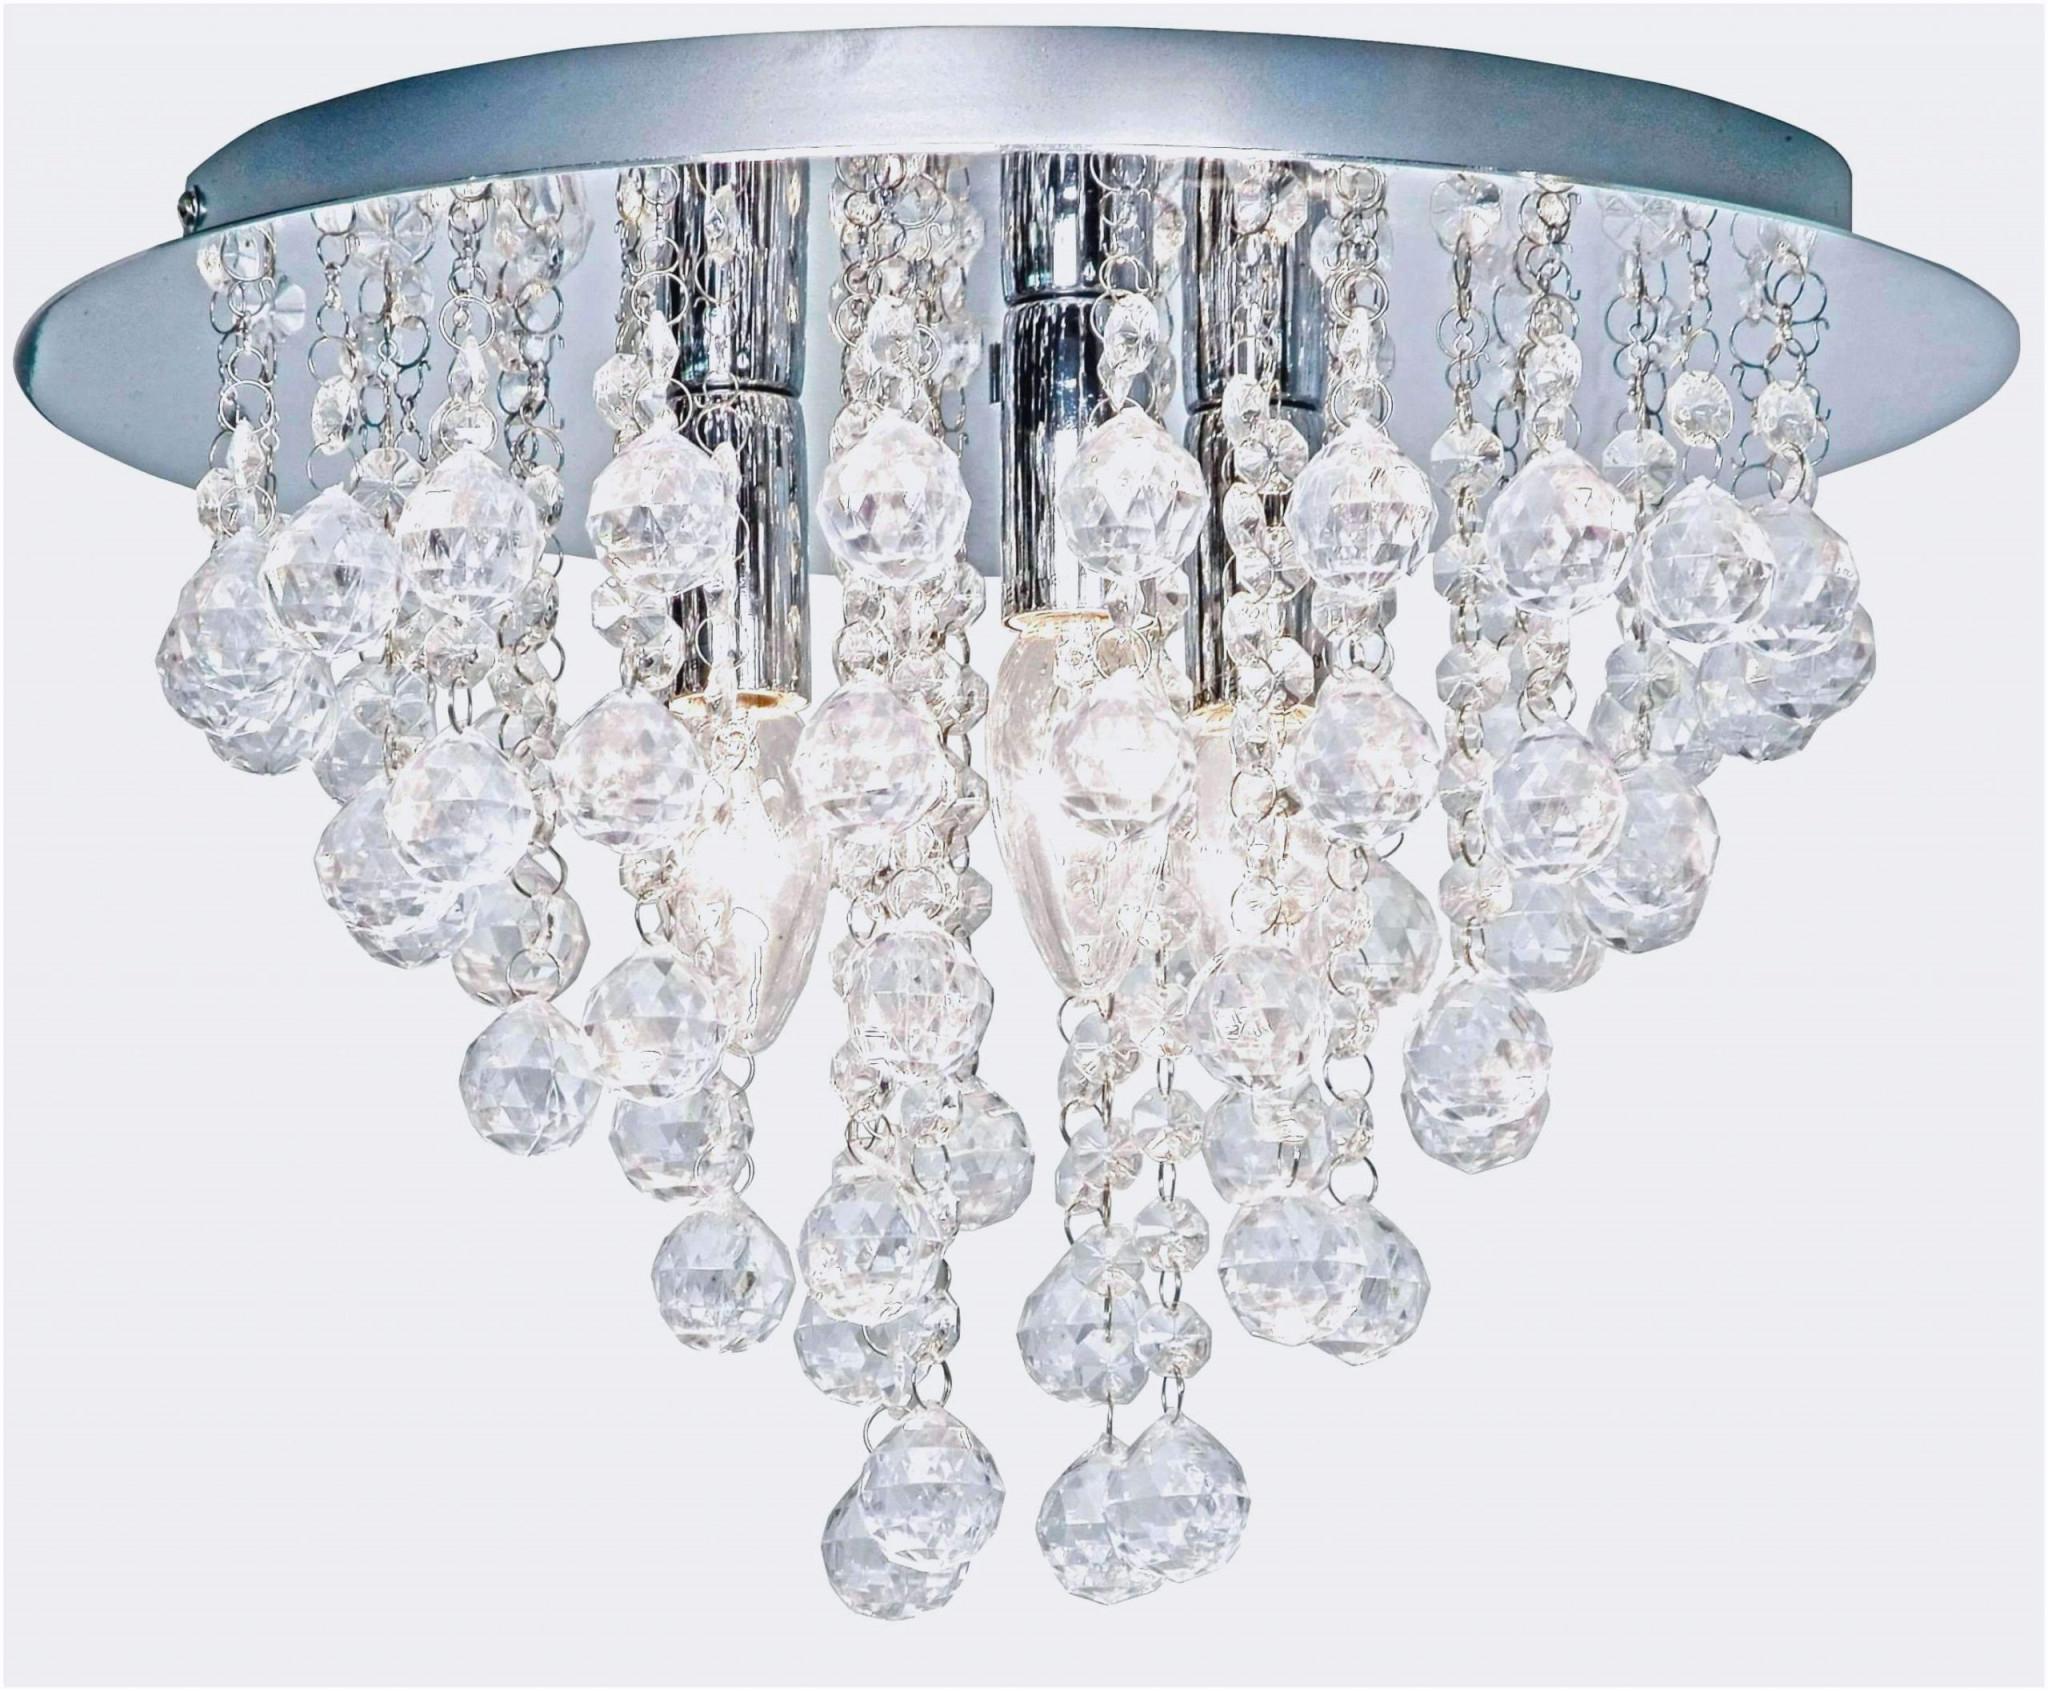 Wohnzimmer Lampe Helles Licht – Caseconrad von Helle Wohnzimmer Lampe Photo